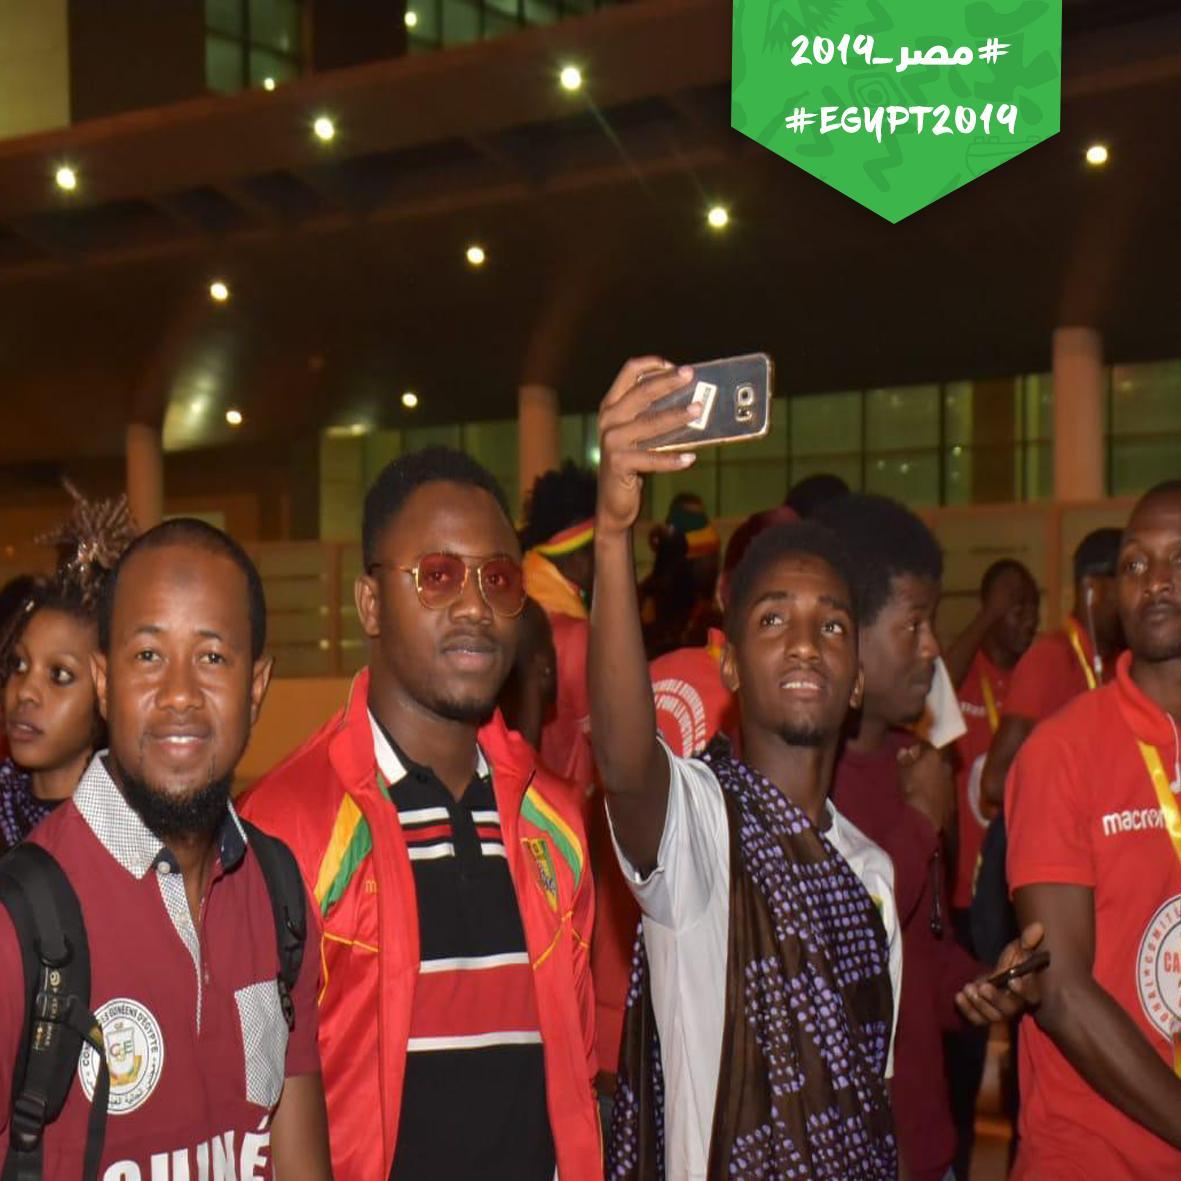 منتخب غينيا يصل القاهرة